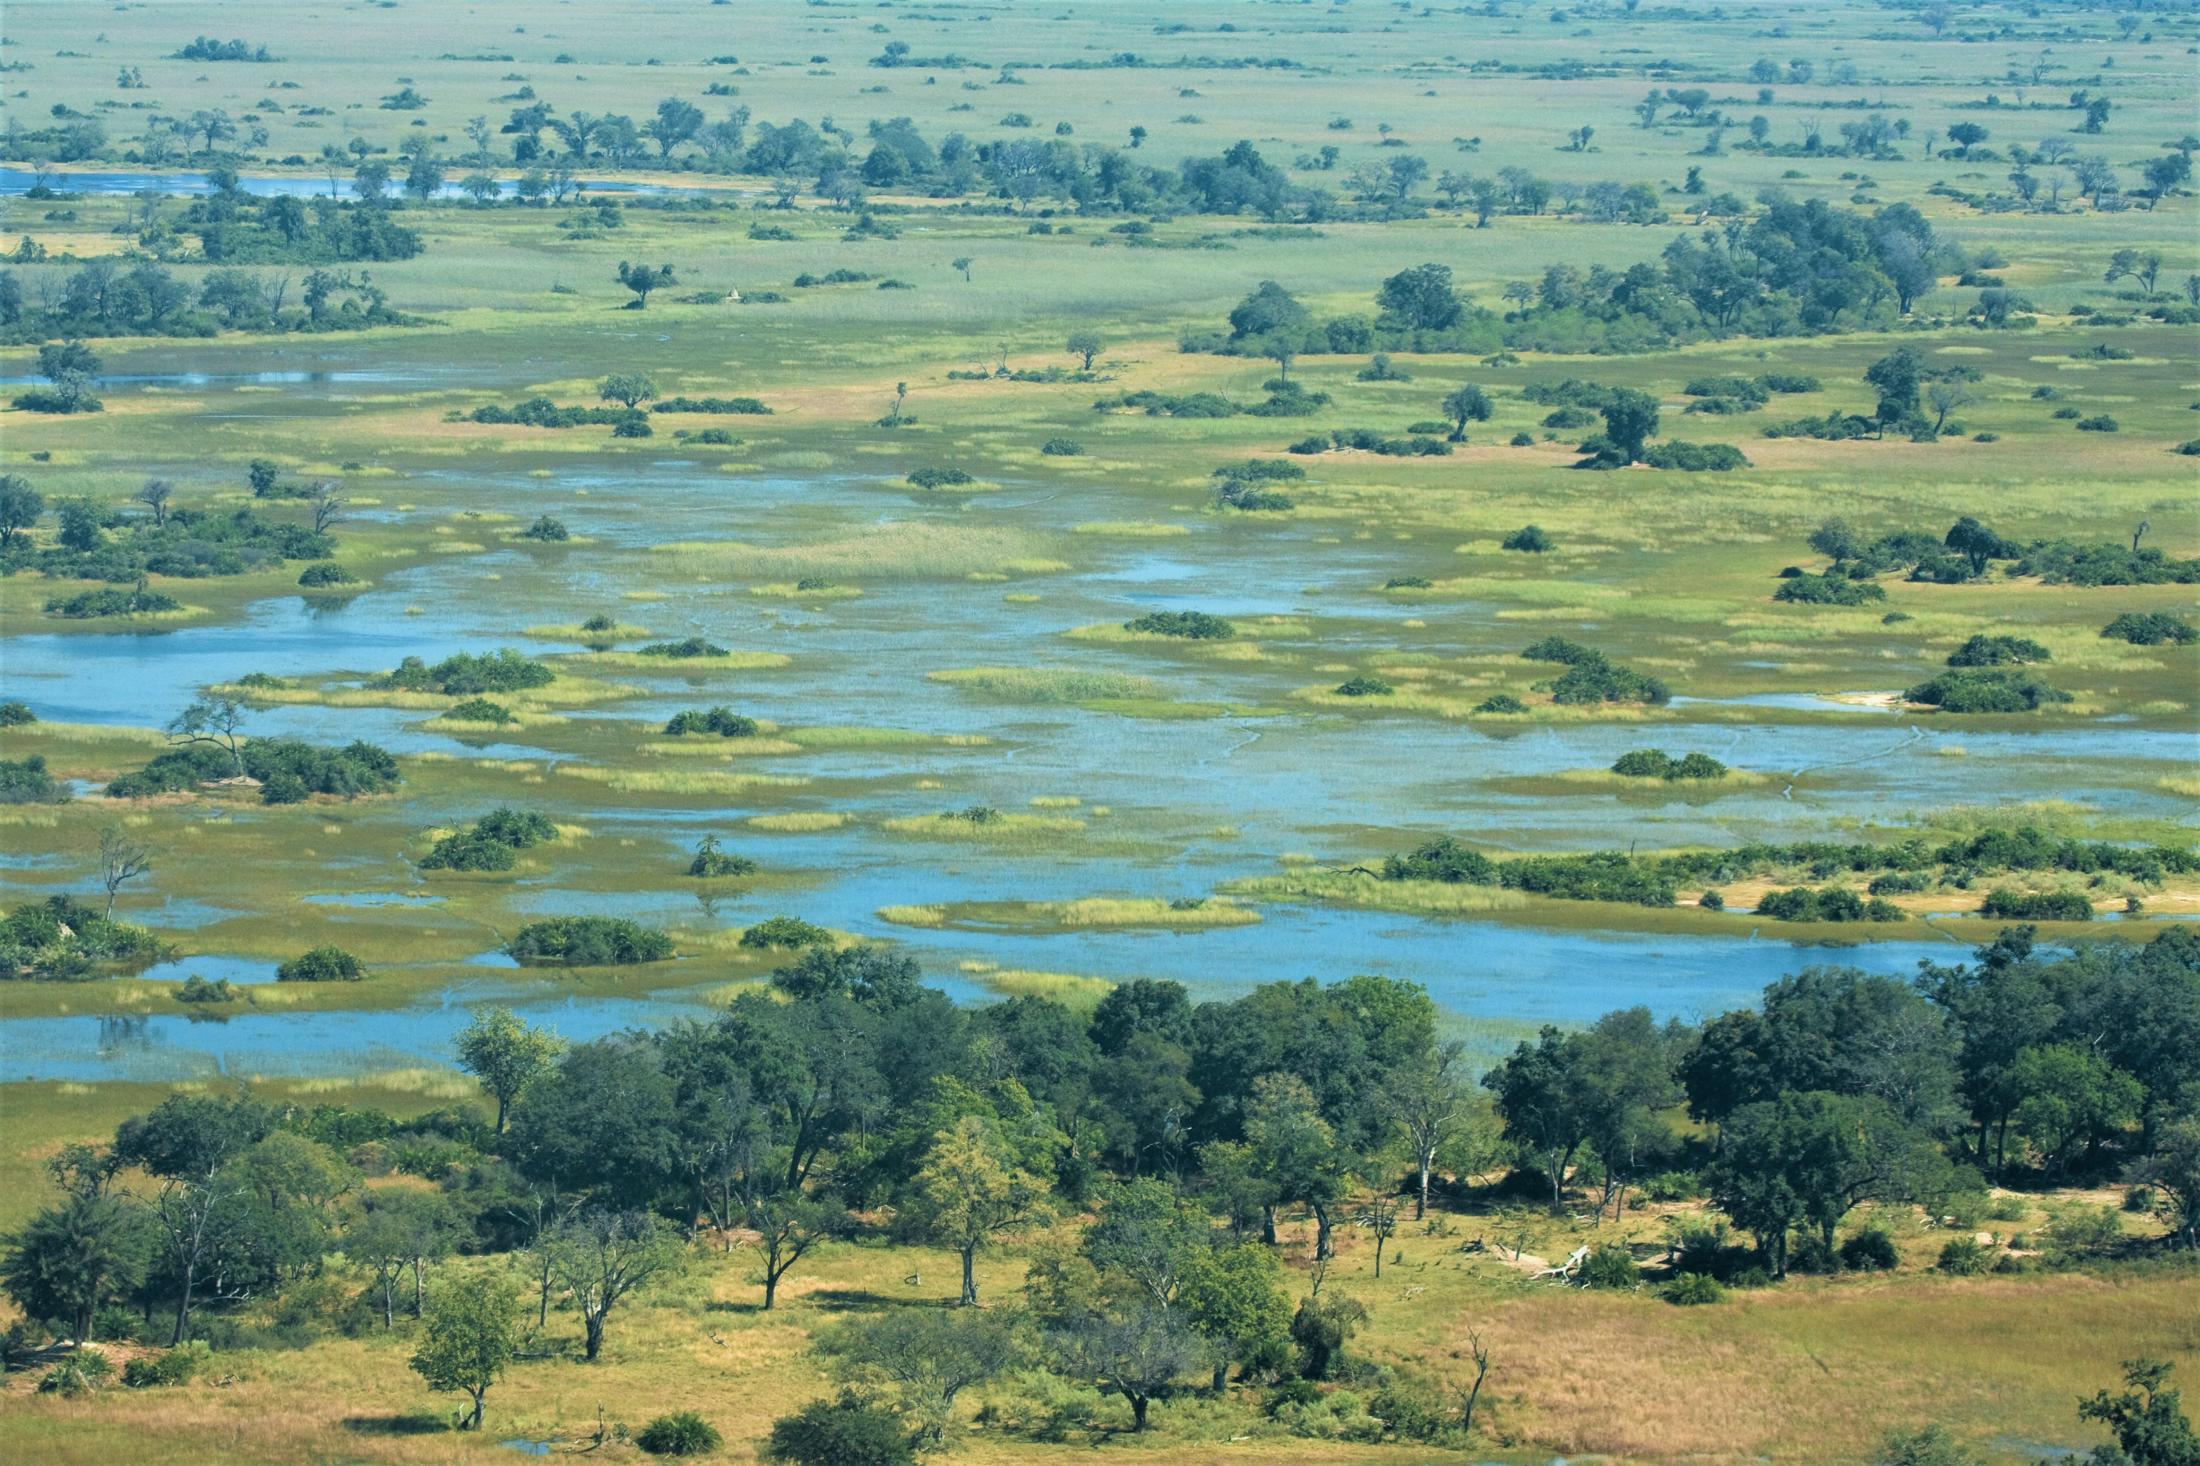 Rondreizen Namibië + Botswana - Fly-in safari Okavango Delta